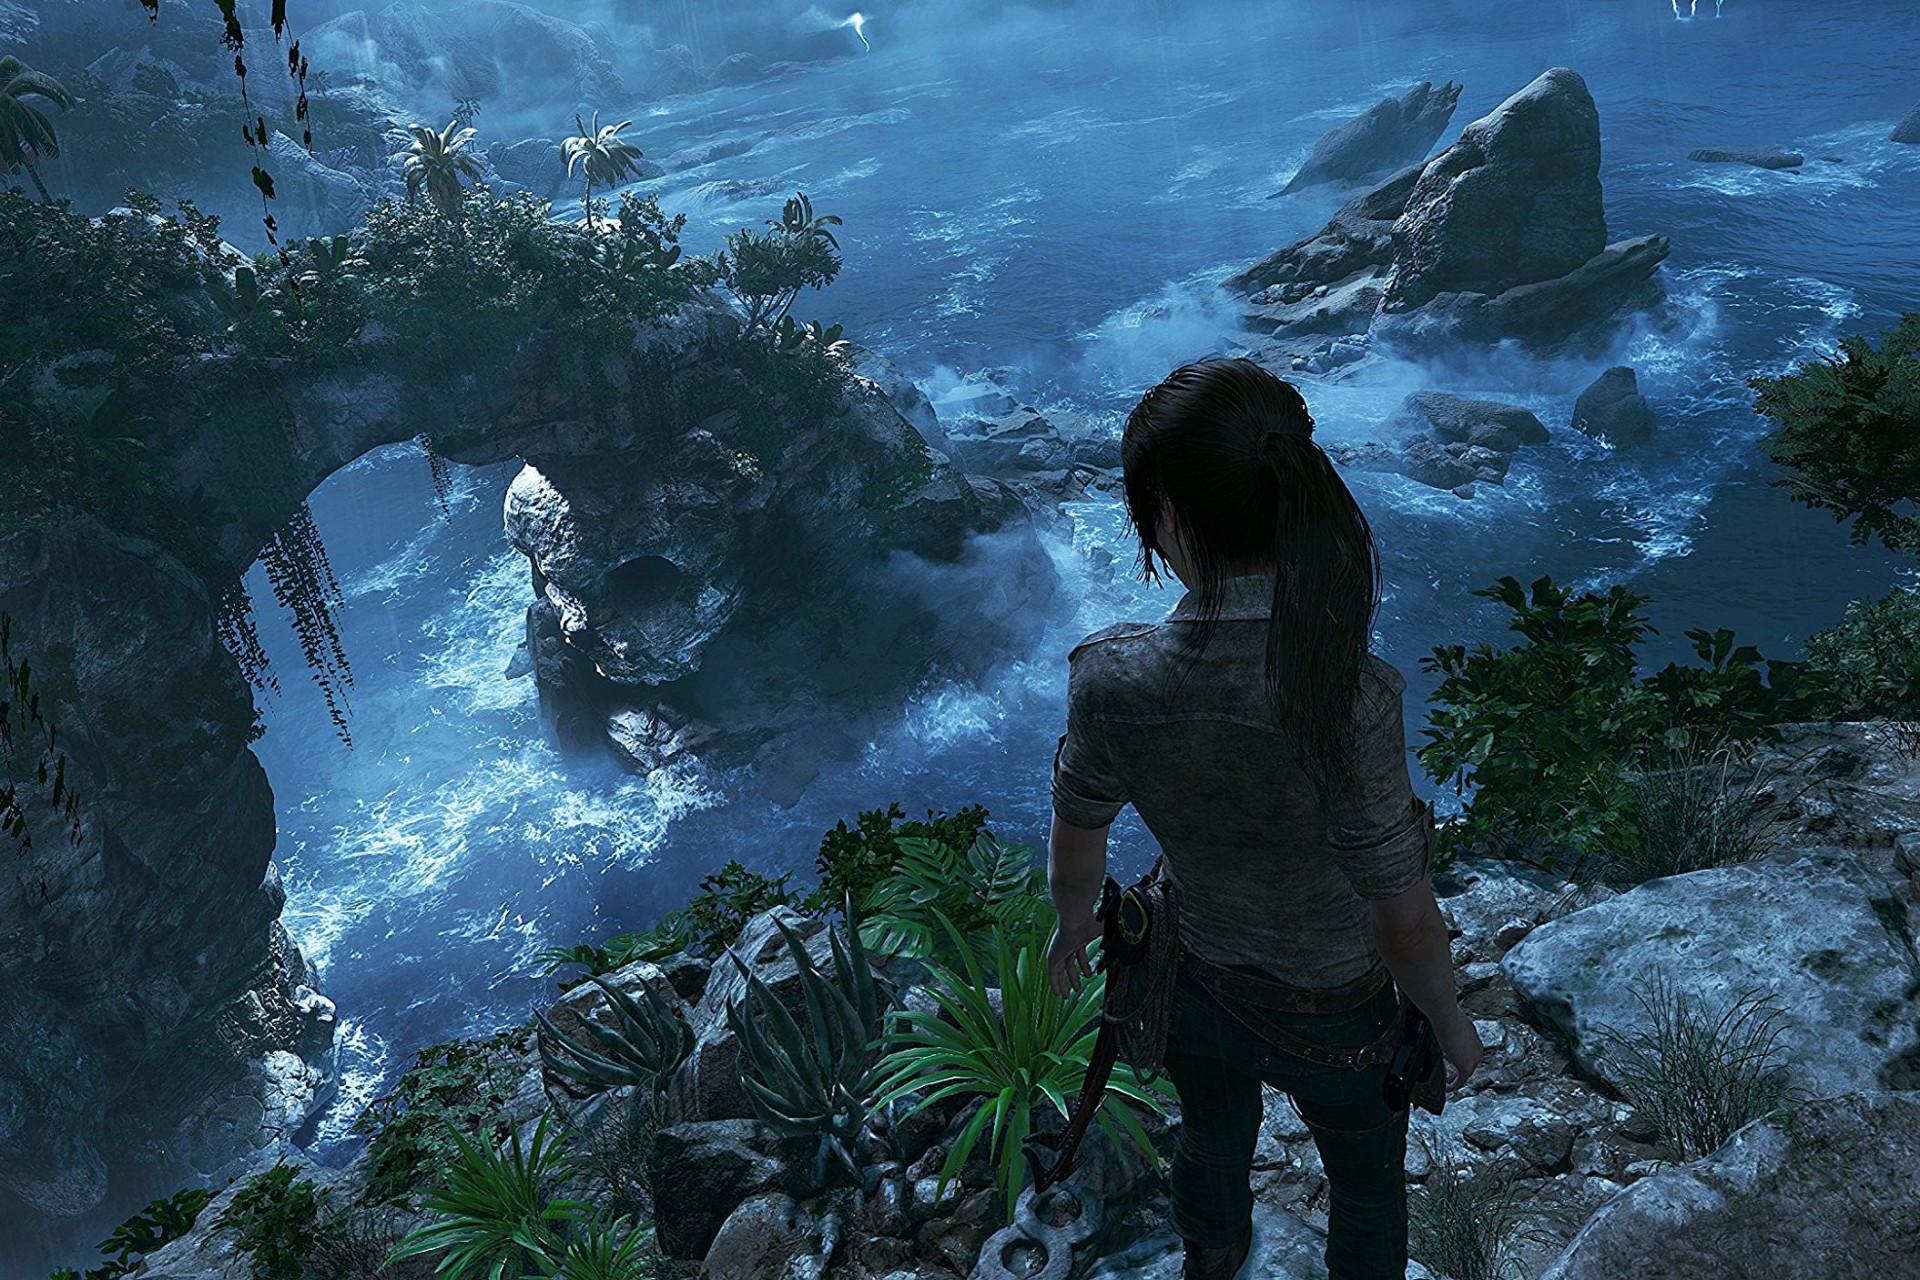 Novo 'Tomb Raider' chega esta semana. Veja o mais recente trailer